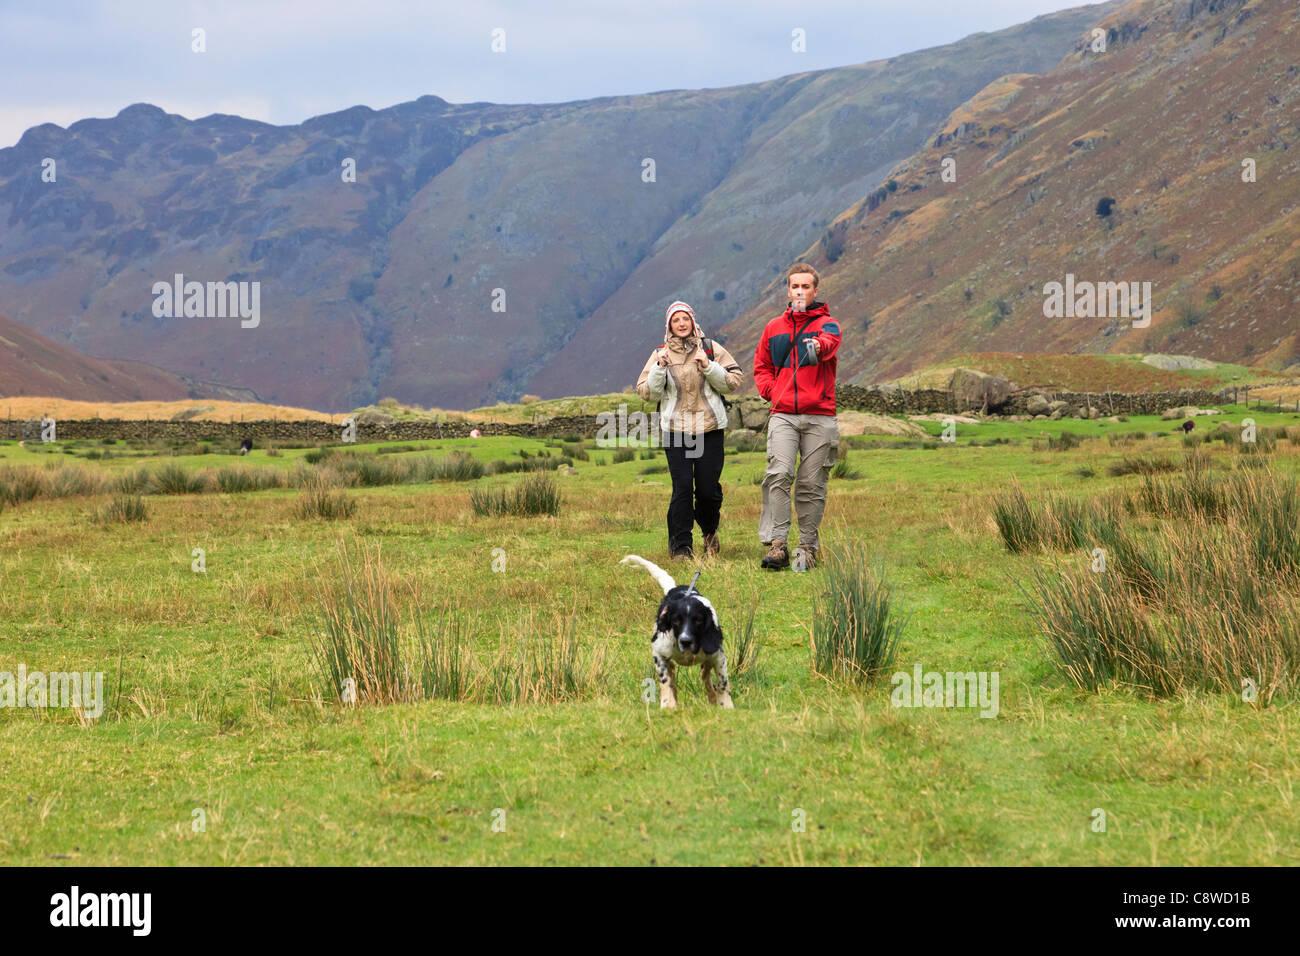 Dos personas tomando un perro a caminar tirando de un cable largo en Langstrath Valle en el Parque Nacional del Imagen De Stock